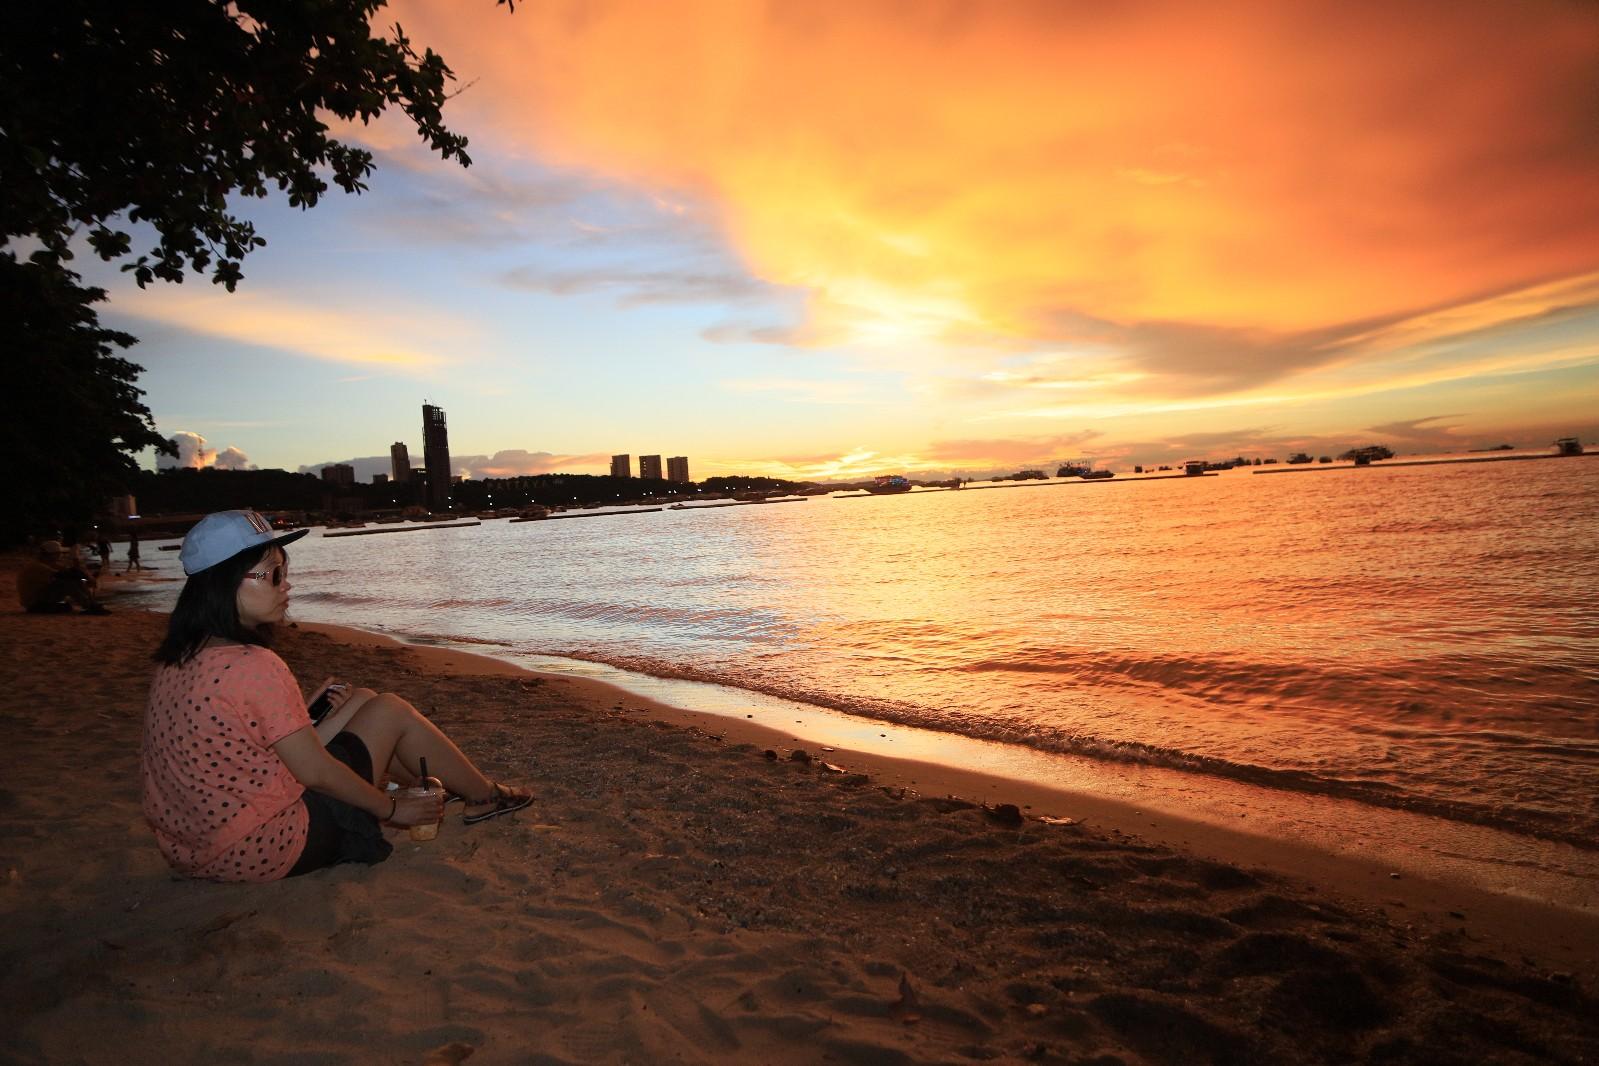 【与佳同行,自在游天下】泰国曼谷、芭堤雅、海岛自驾游